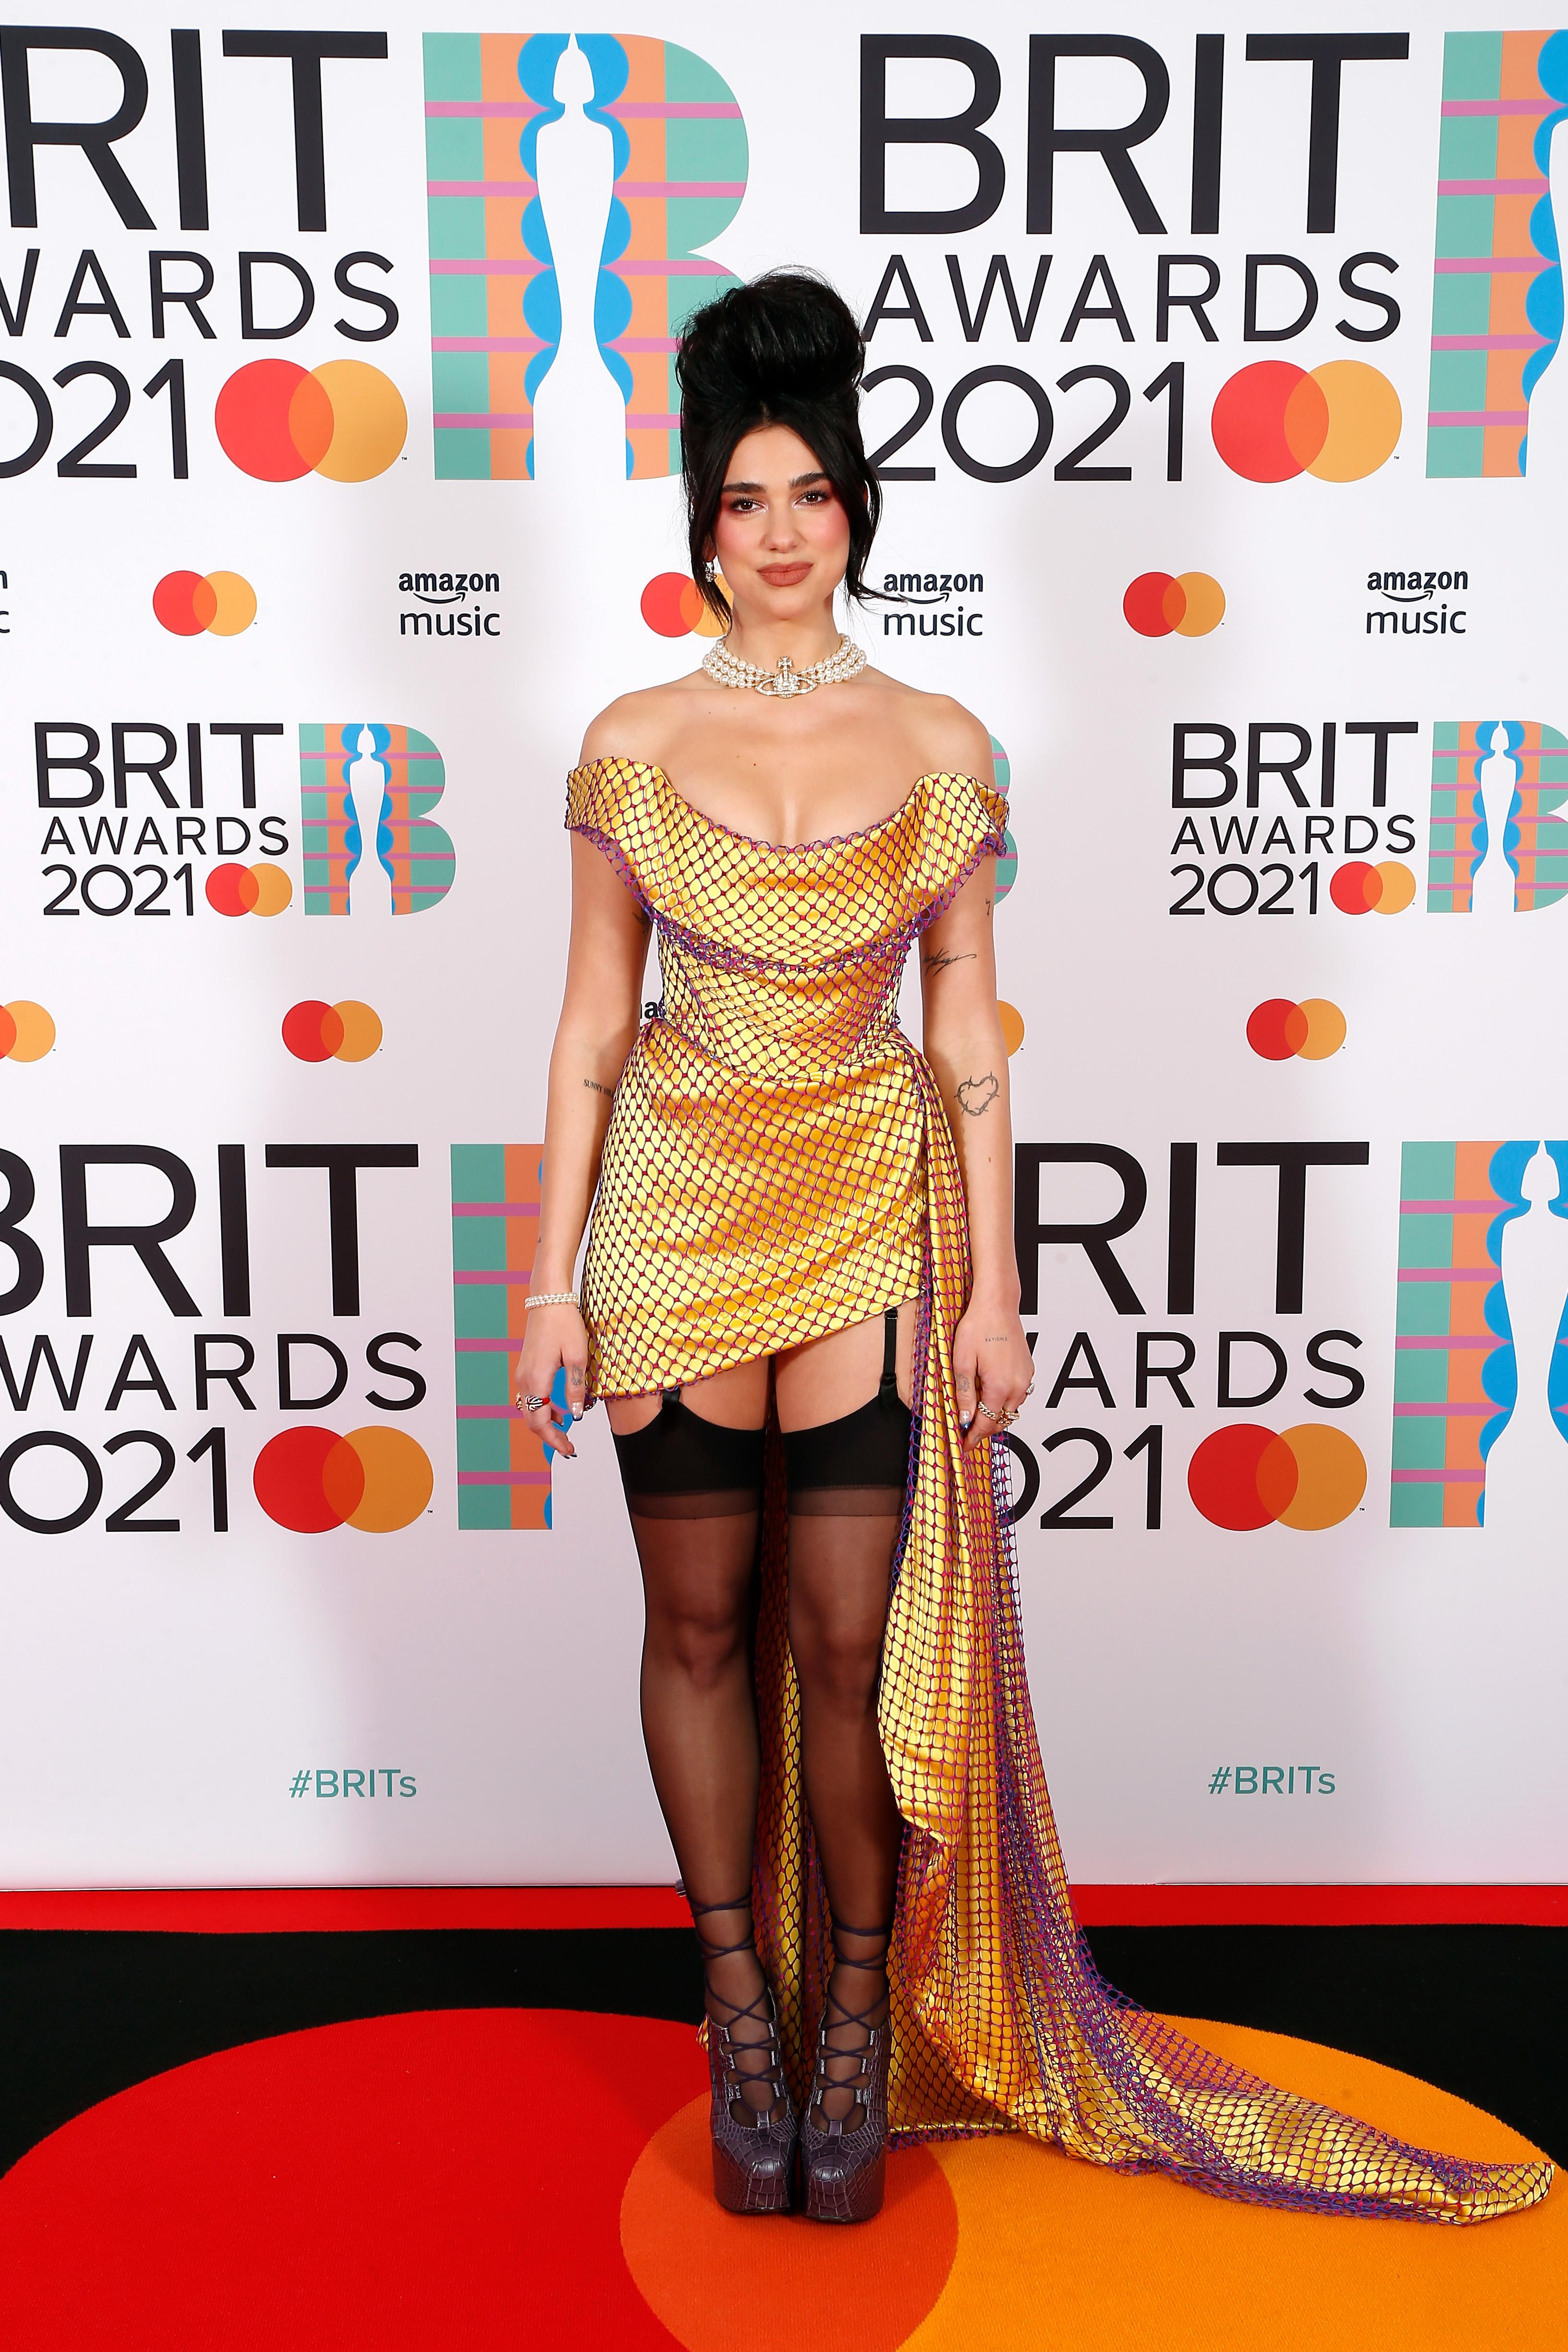 Dua Lipa no tapete vermelho do BRIT Awards 2021. Ela está com um leve sorriso sem mostrar os dentes, usando um vestido dourado com uma rede de furinhos roxos por cima, uma meia-calça preta e um sapato de salto. Também está com colar de pérolas e cabelo preso em um coque alto bem volumoso.